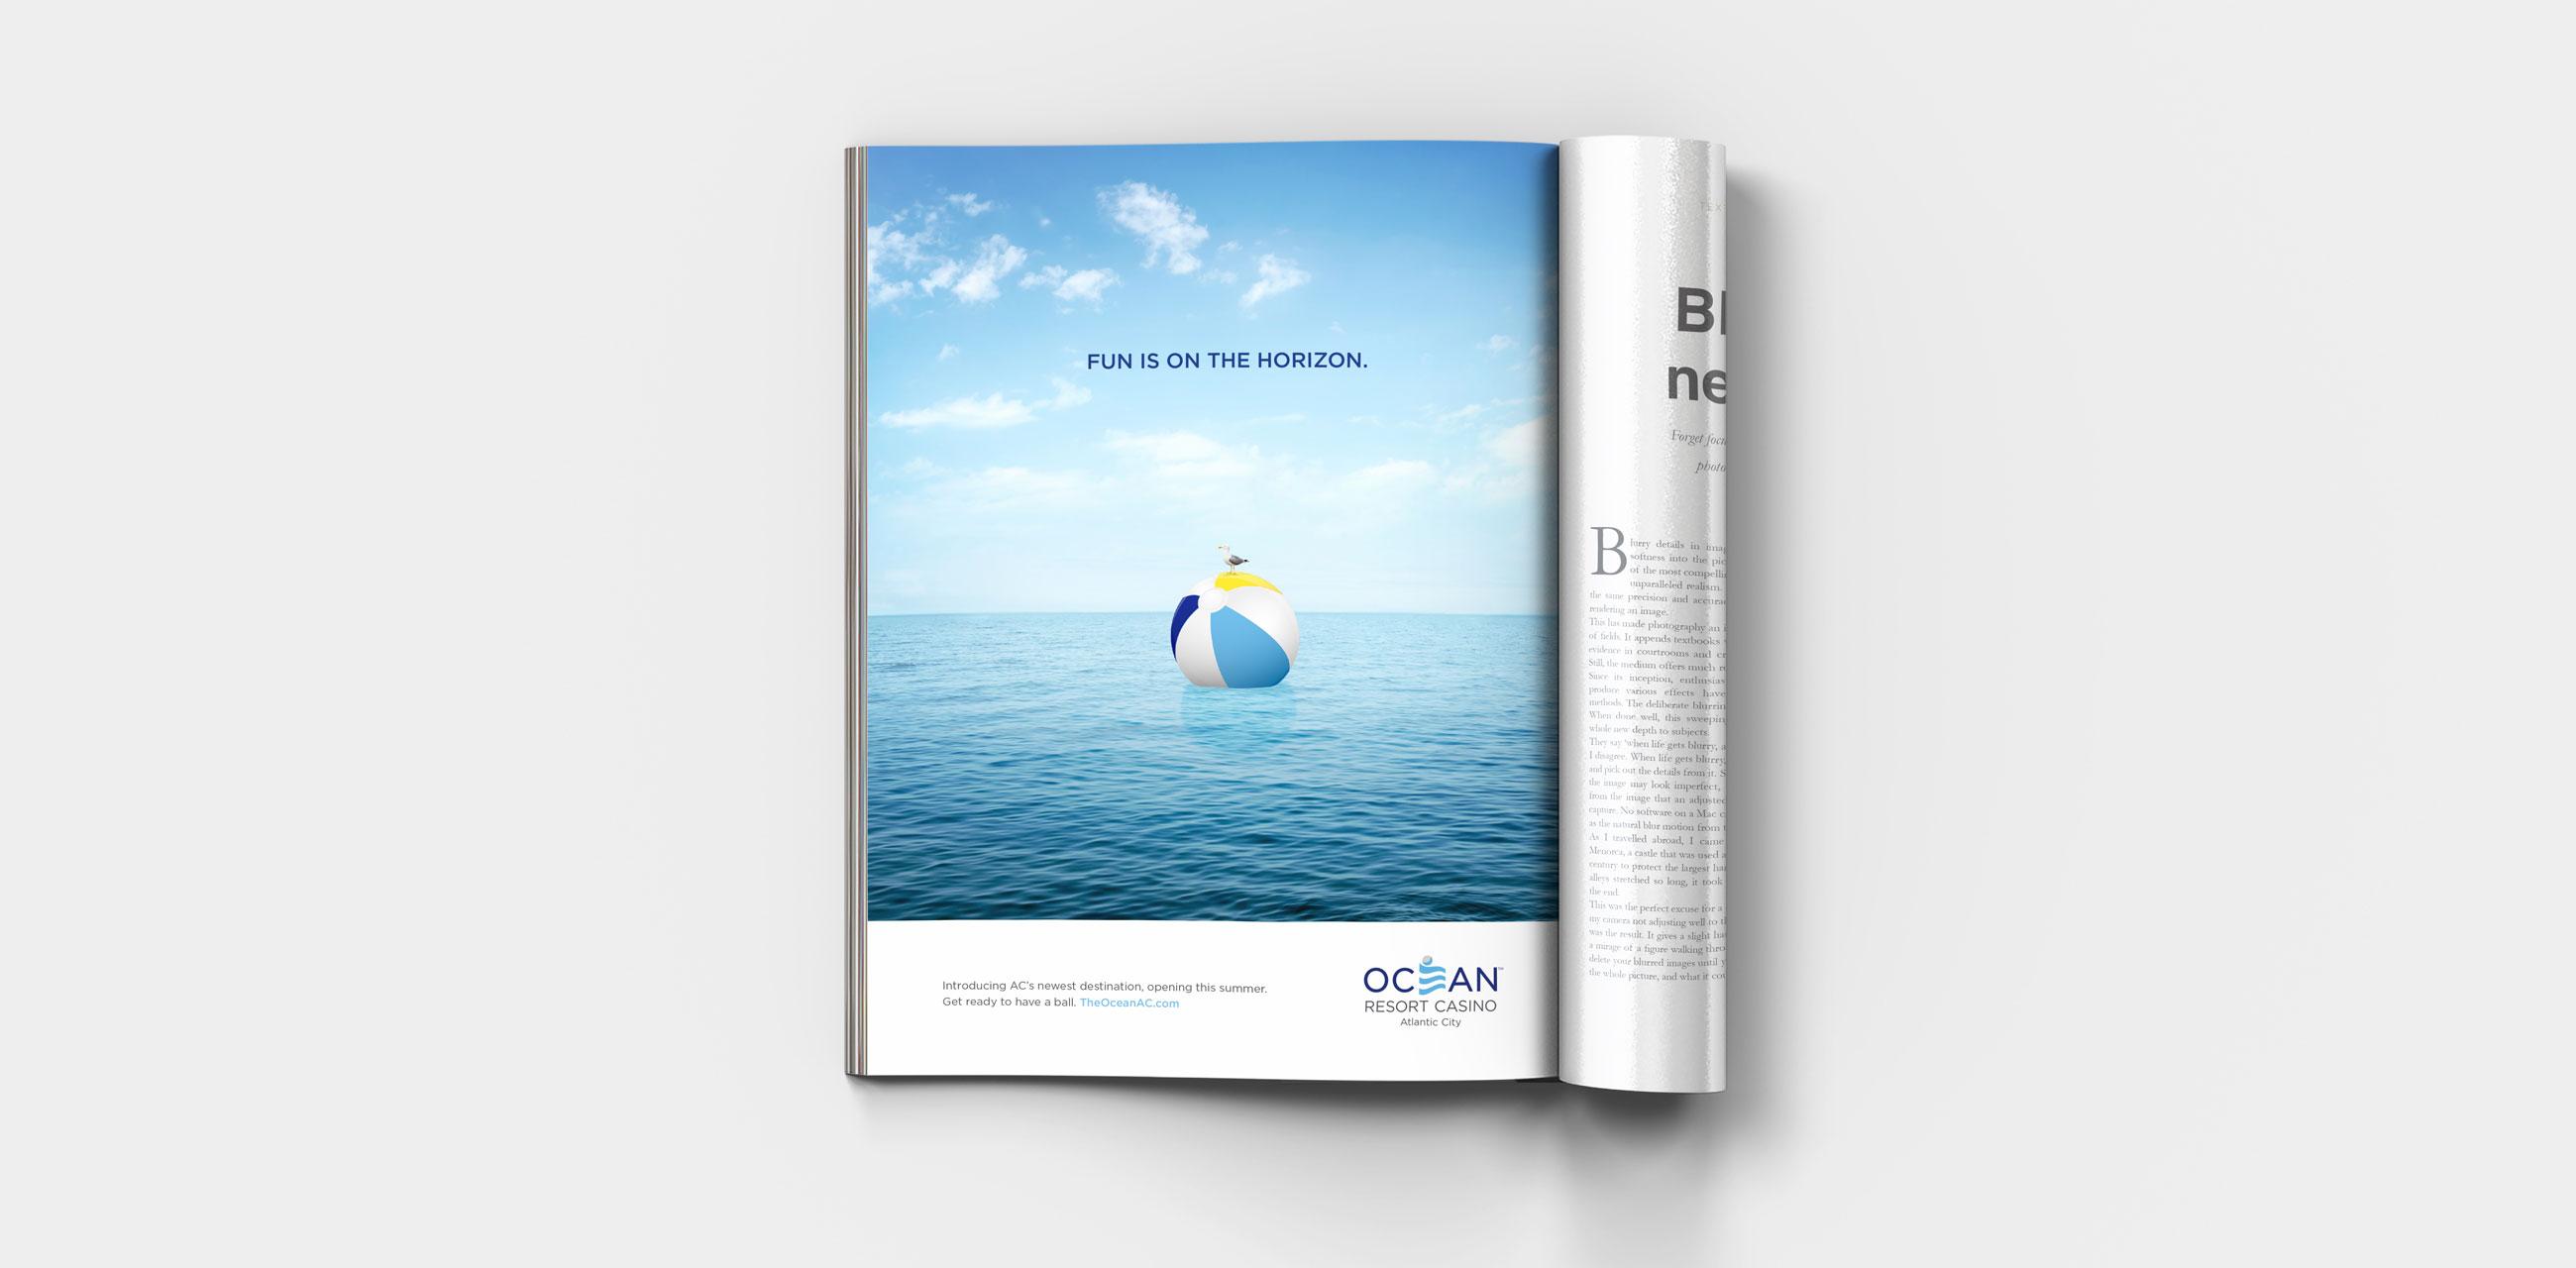 Seagull ad in magazine